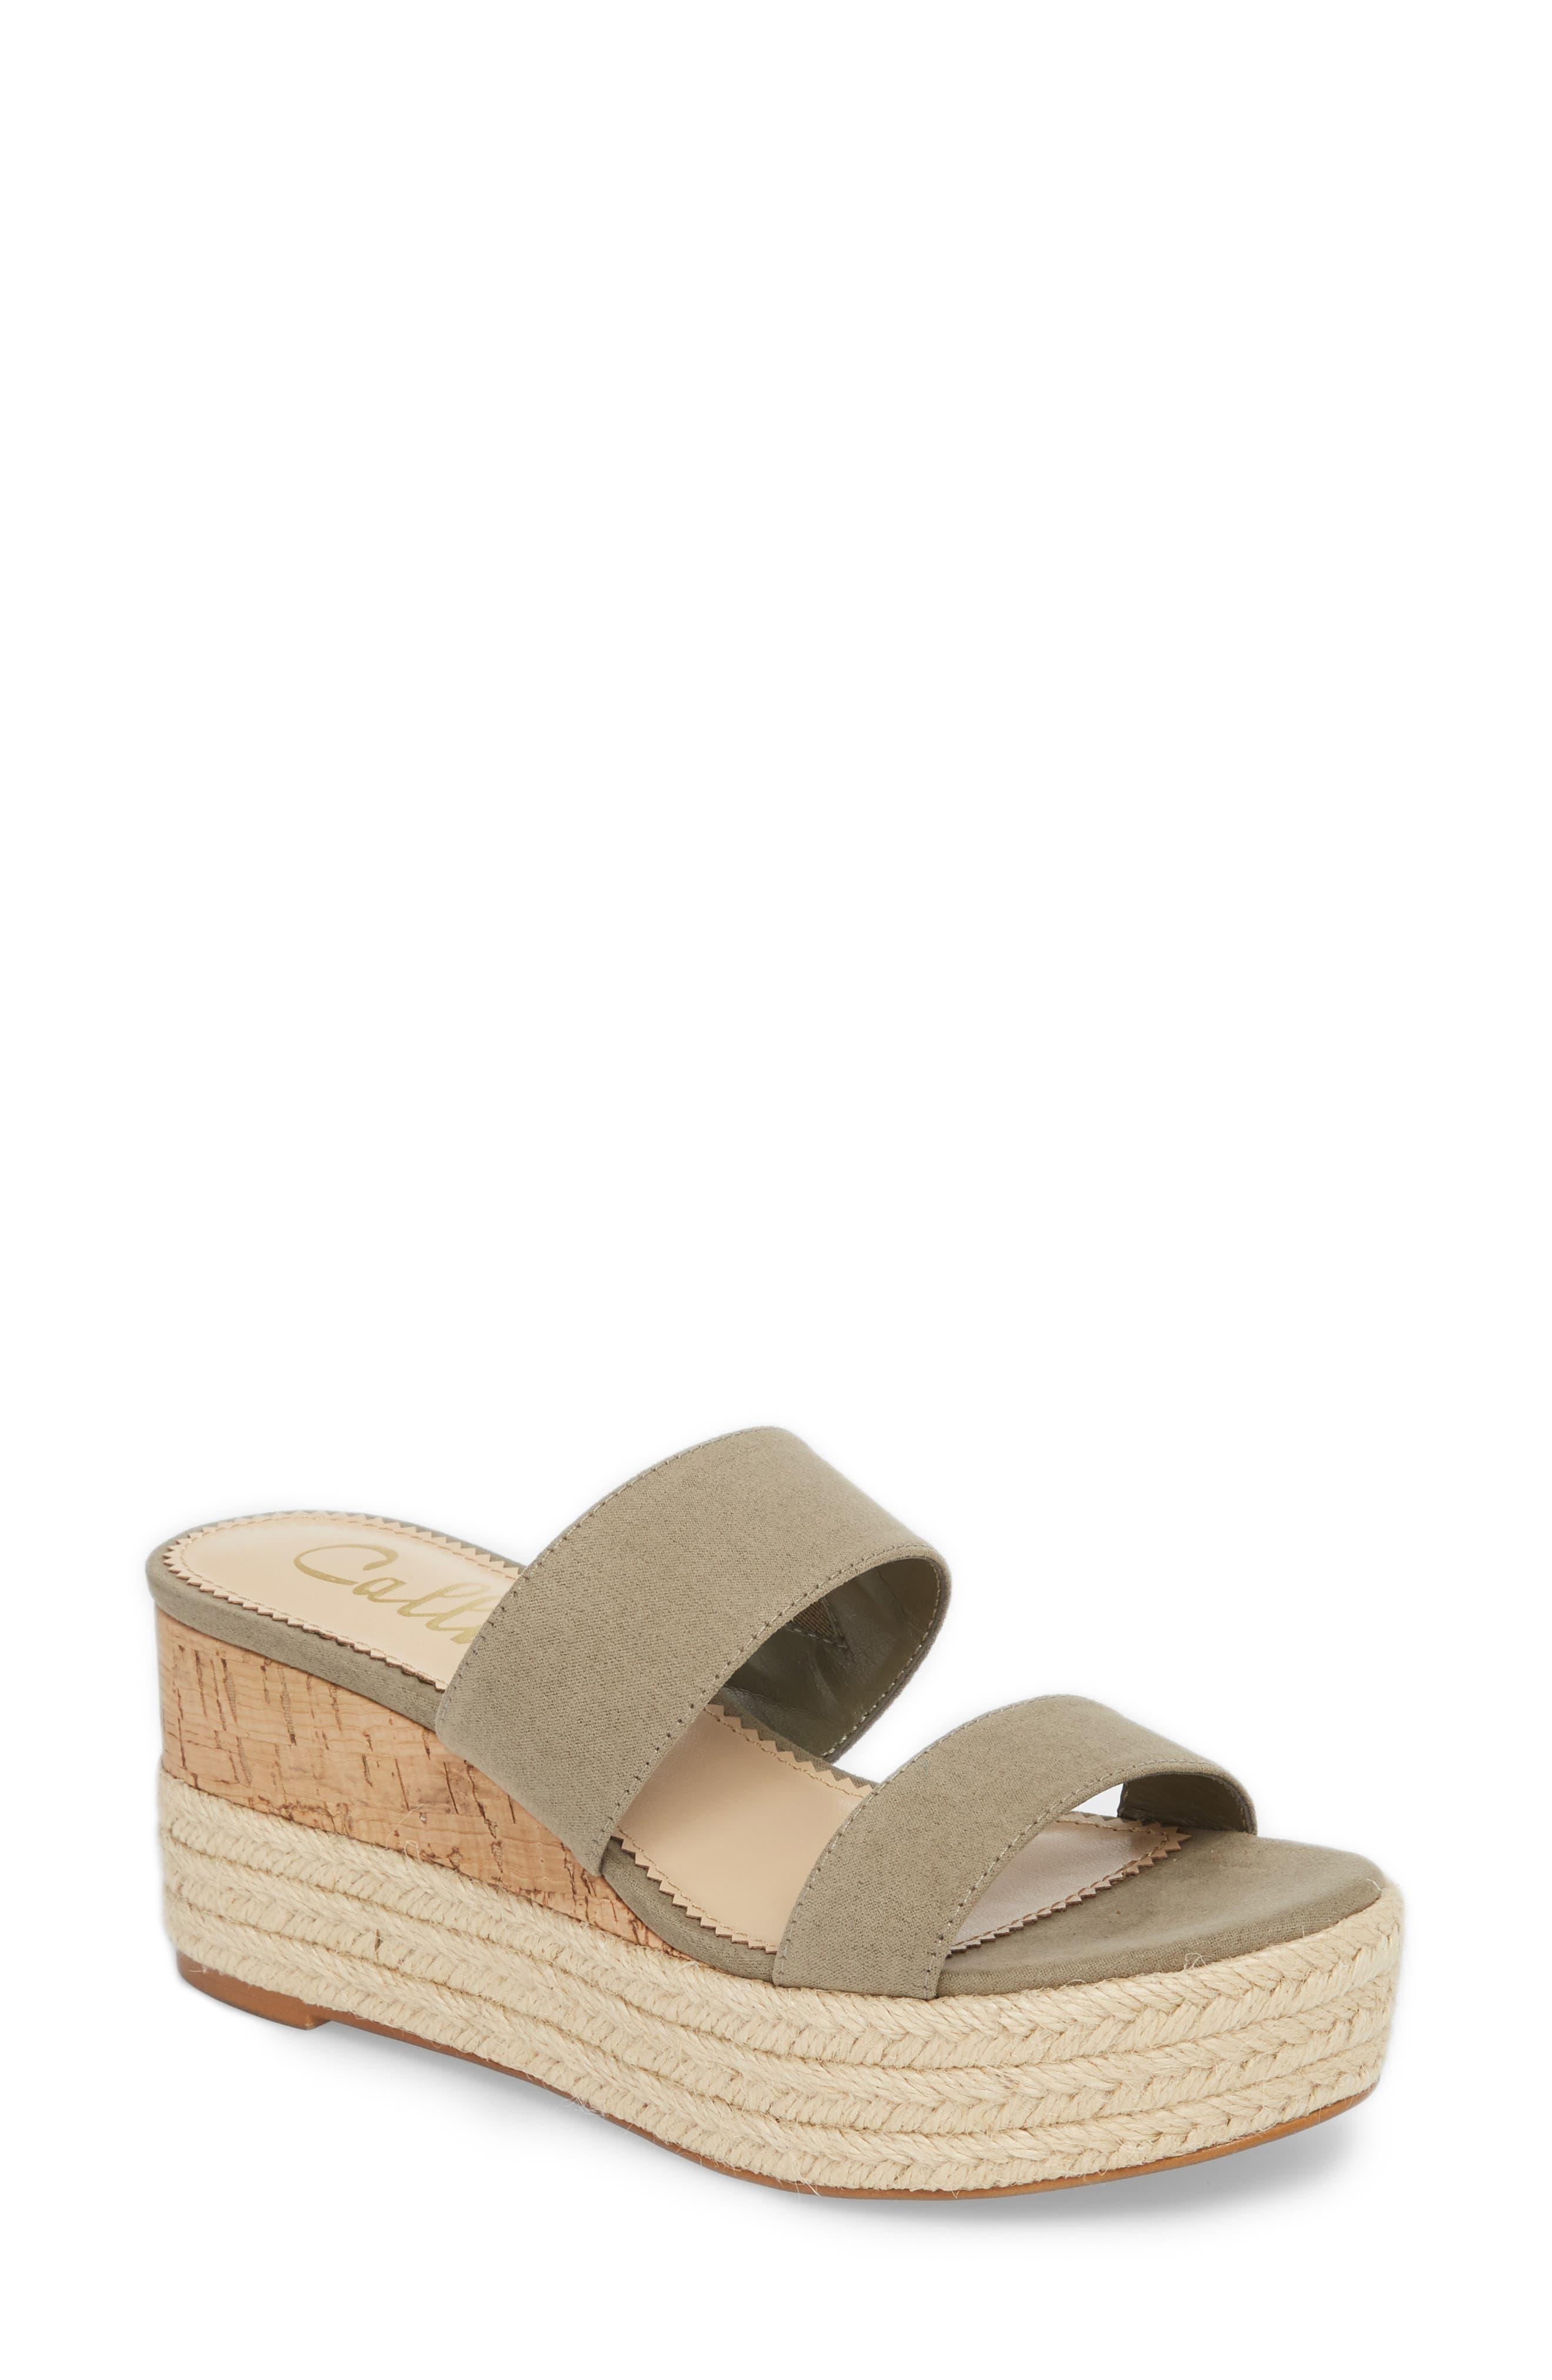 Foundation Platform Slide Sandal,                         Main,                         color, Sage Suede